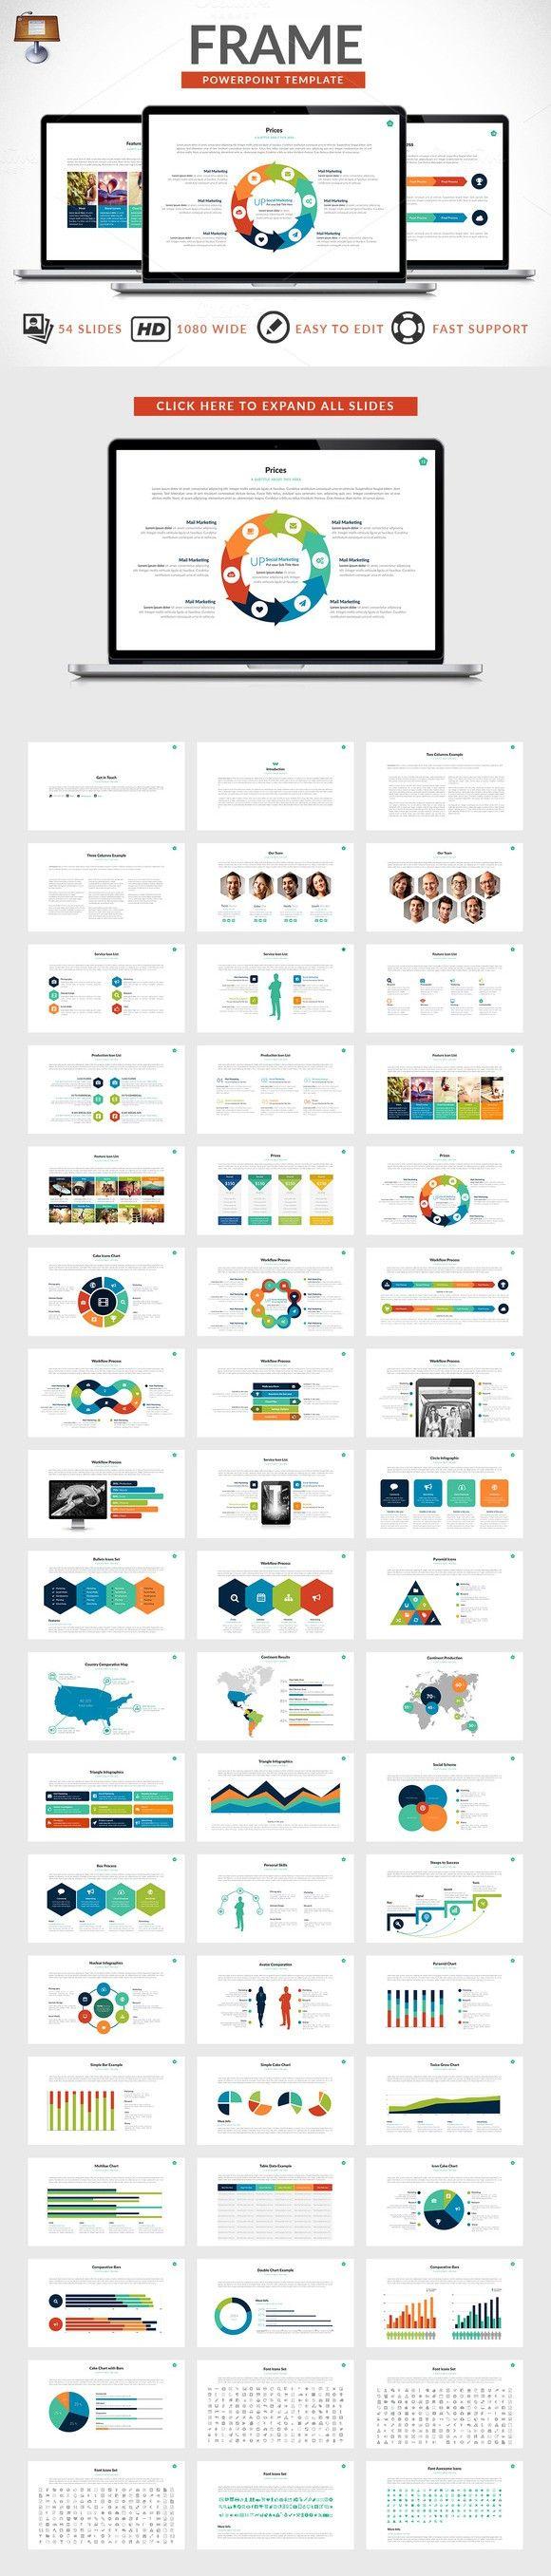 Frame   Keynote Presentation. Medical Infographic. $13.00